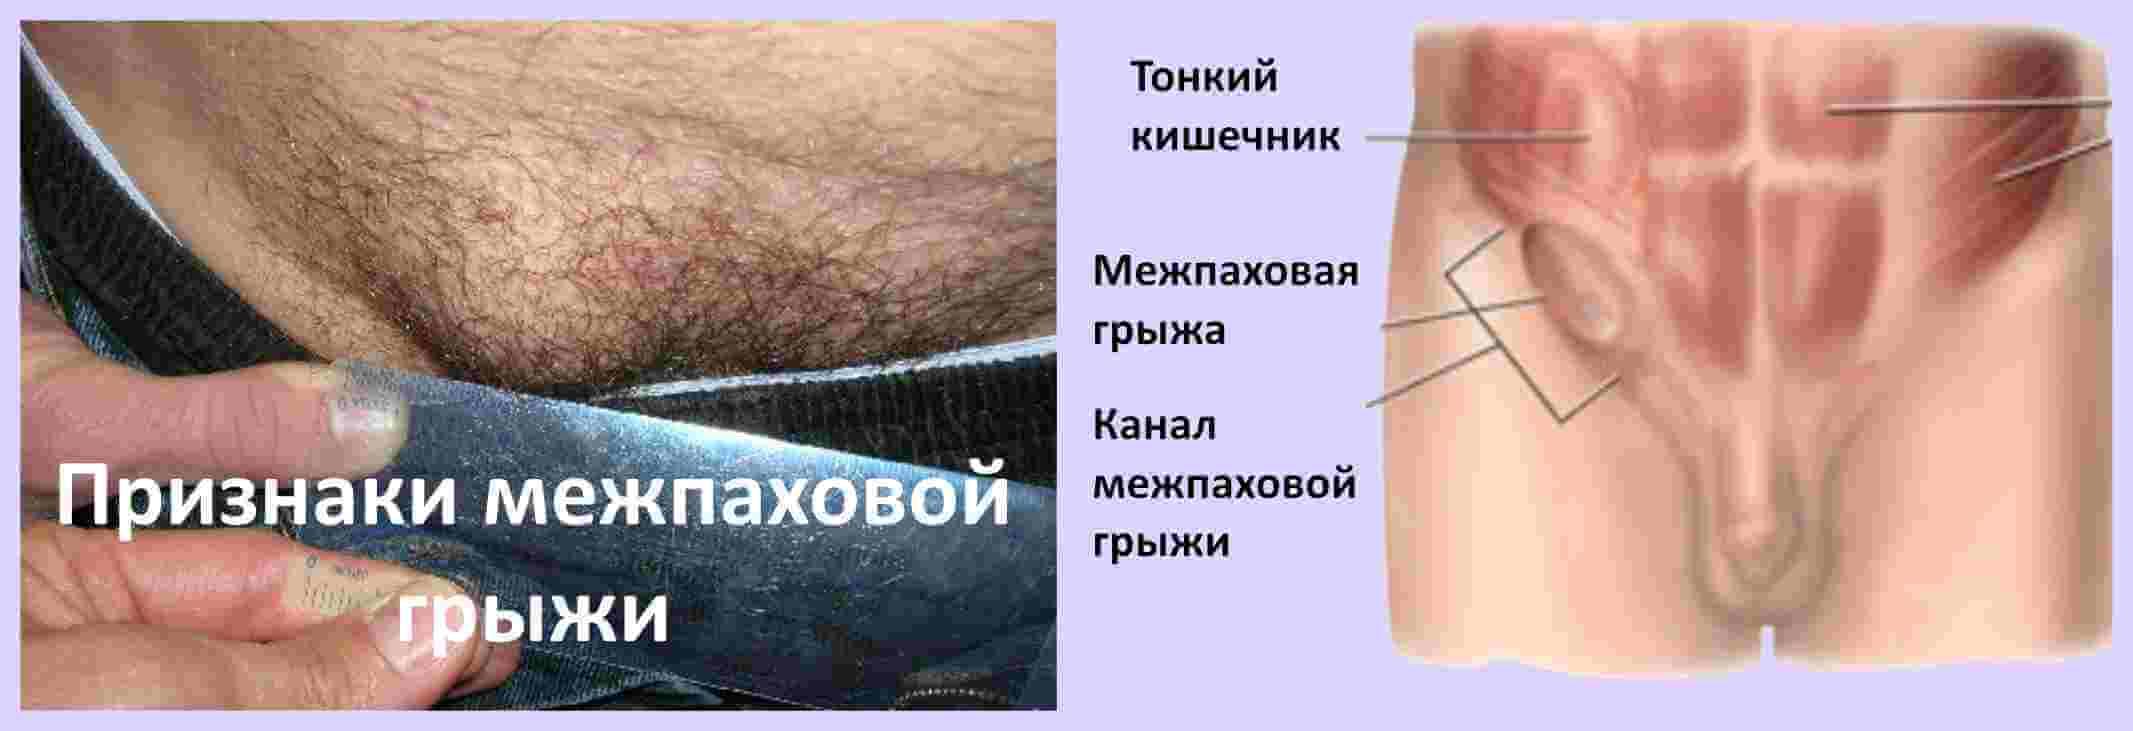 признаки межпаховой грыжи у мужчины